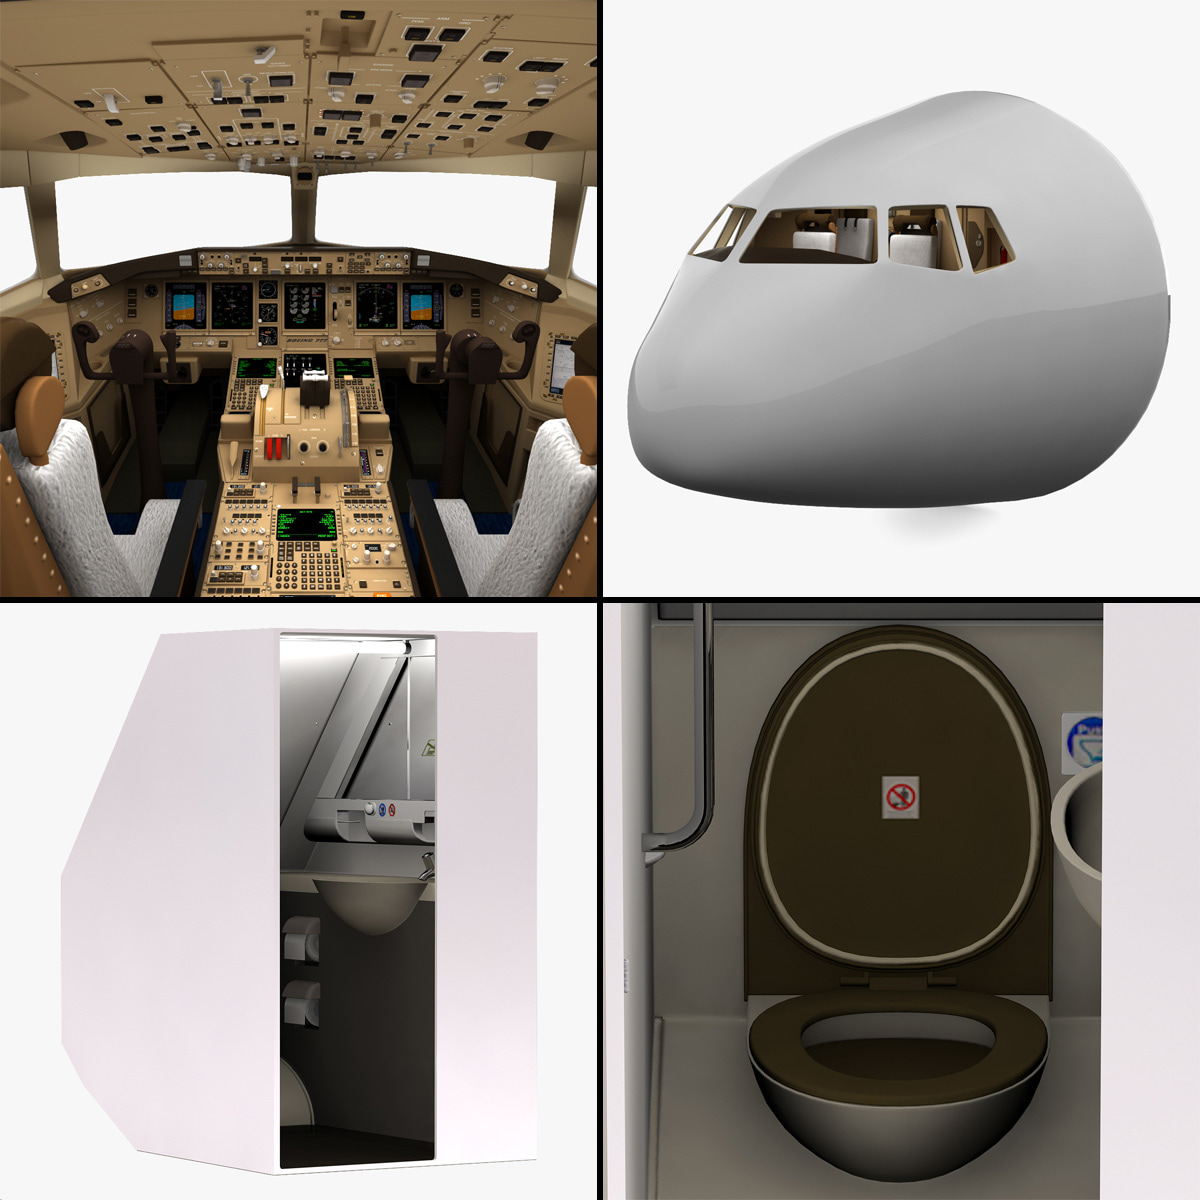 Boeing_Cockpit_and_Restroom_000.jpg